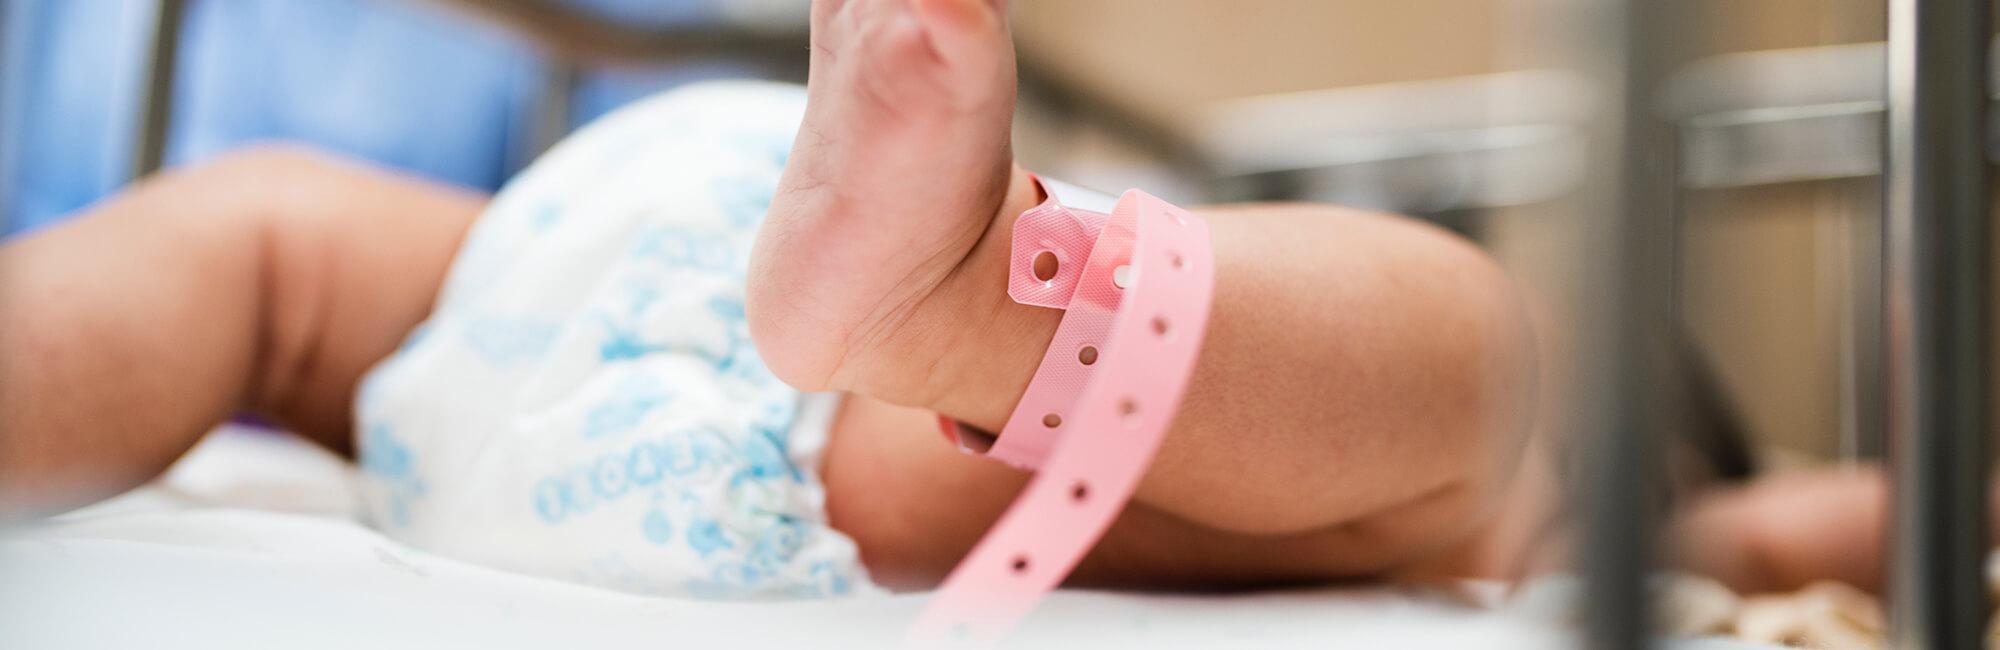 Fondation En Coeur - Jambes de bébé à l'hôpital